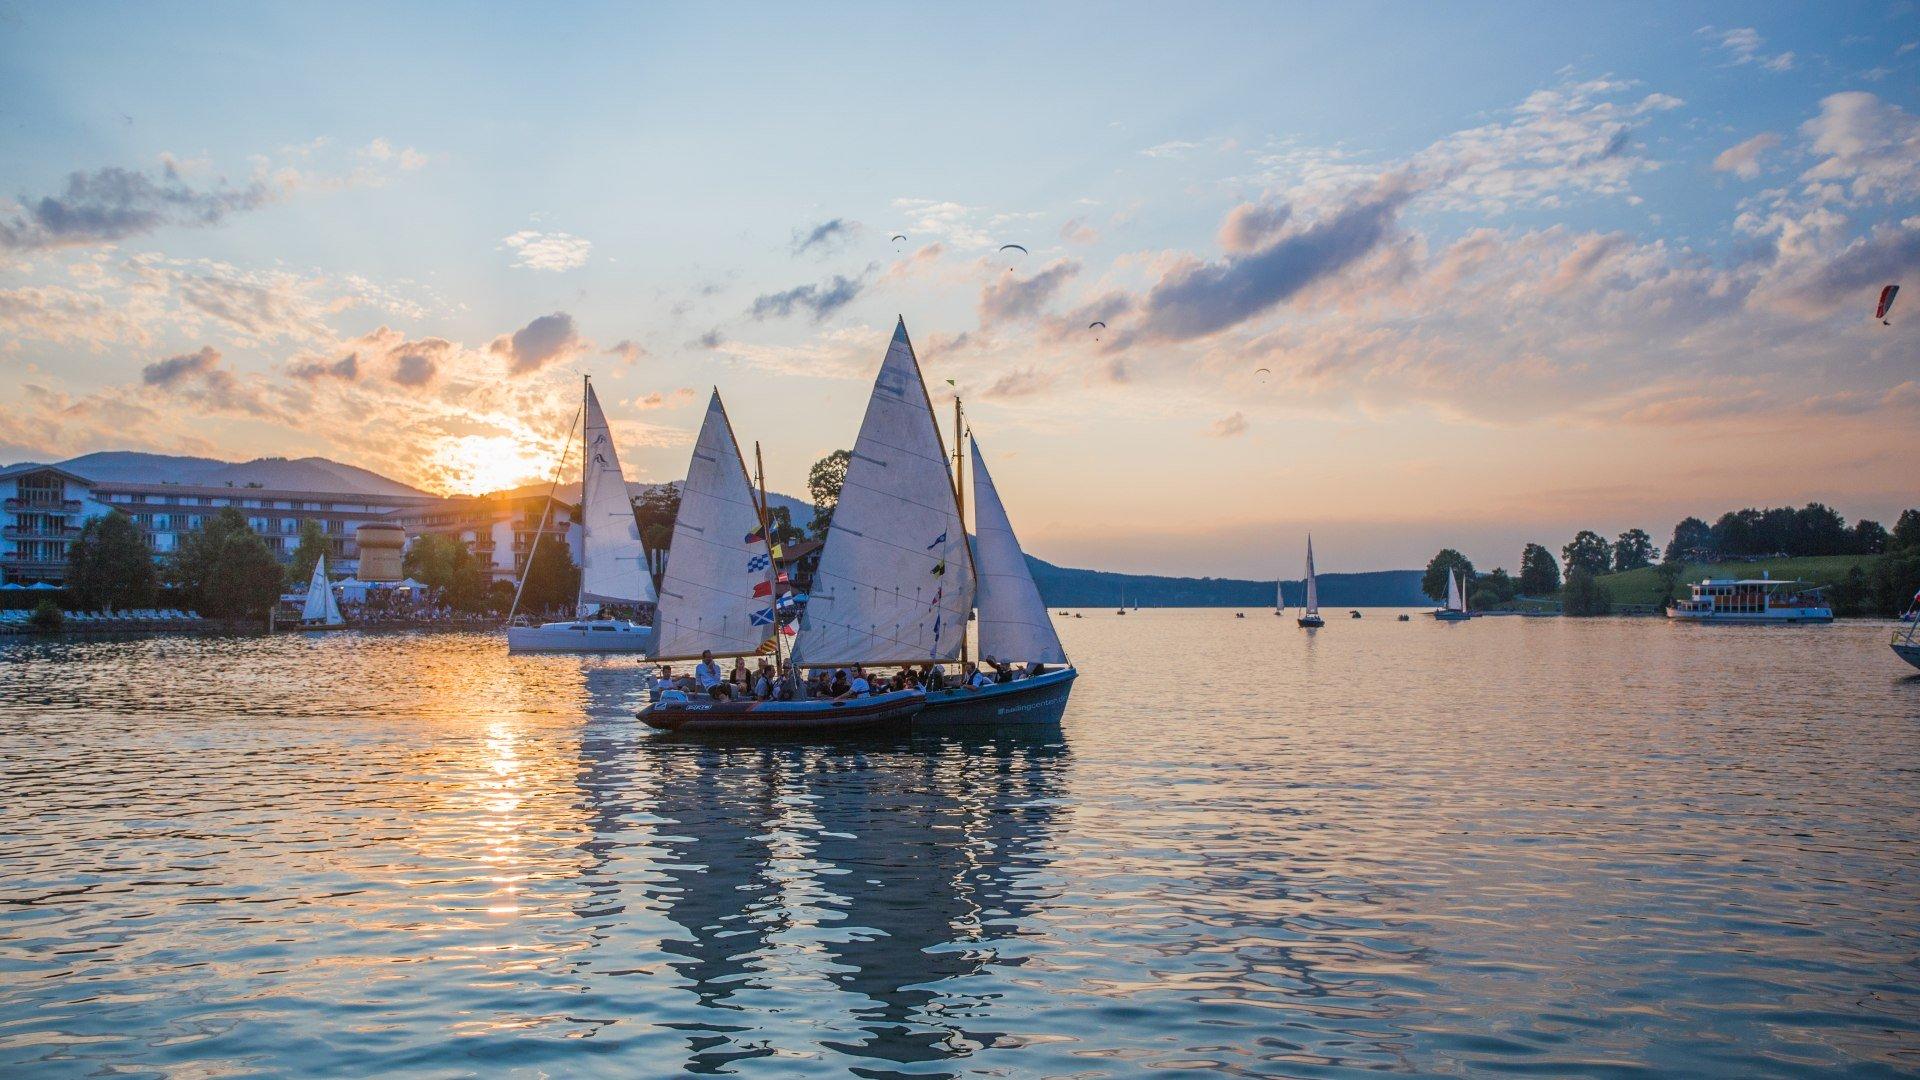 Boote auf dem Tegernsee während eines Seefestes, © Christoph Schempershofe